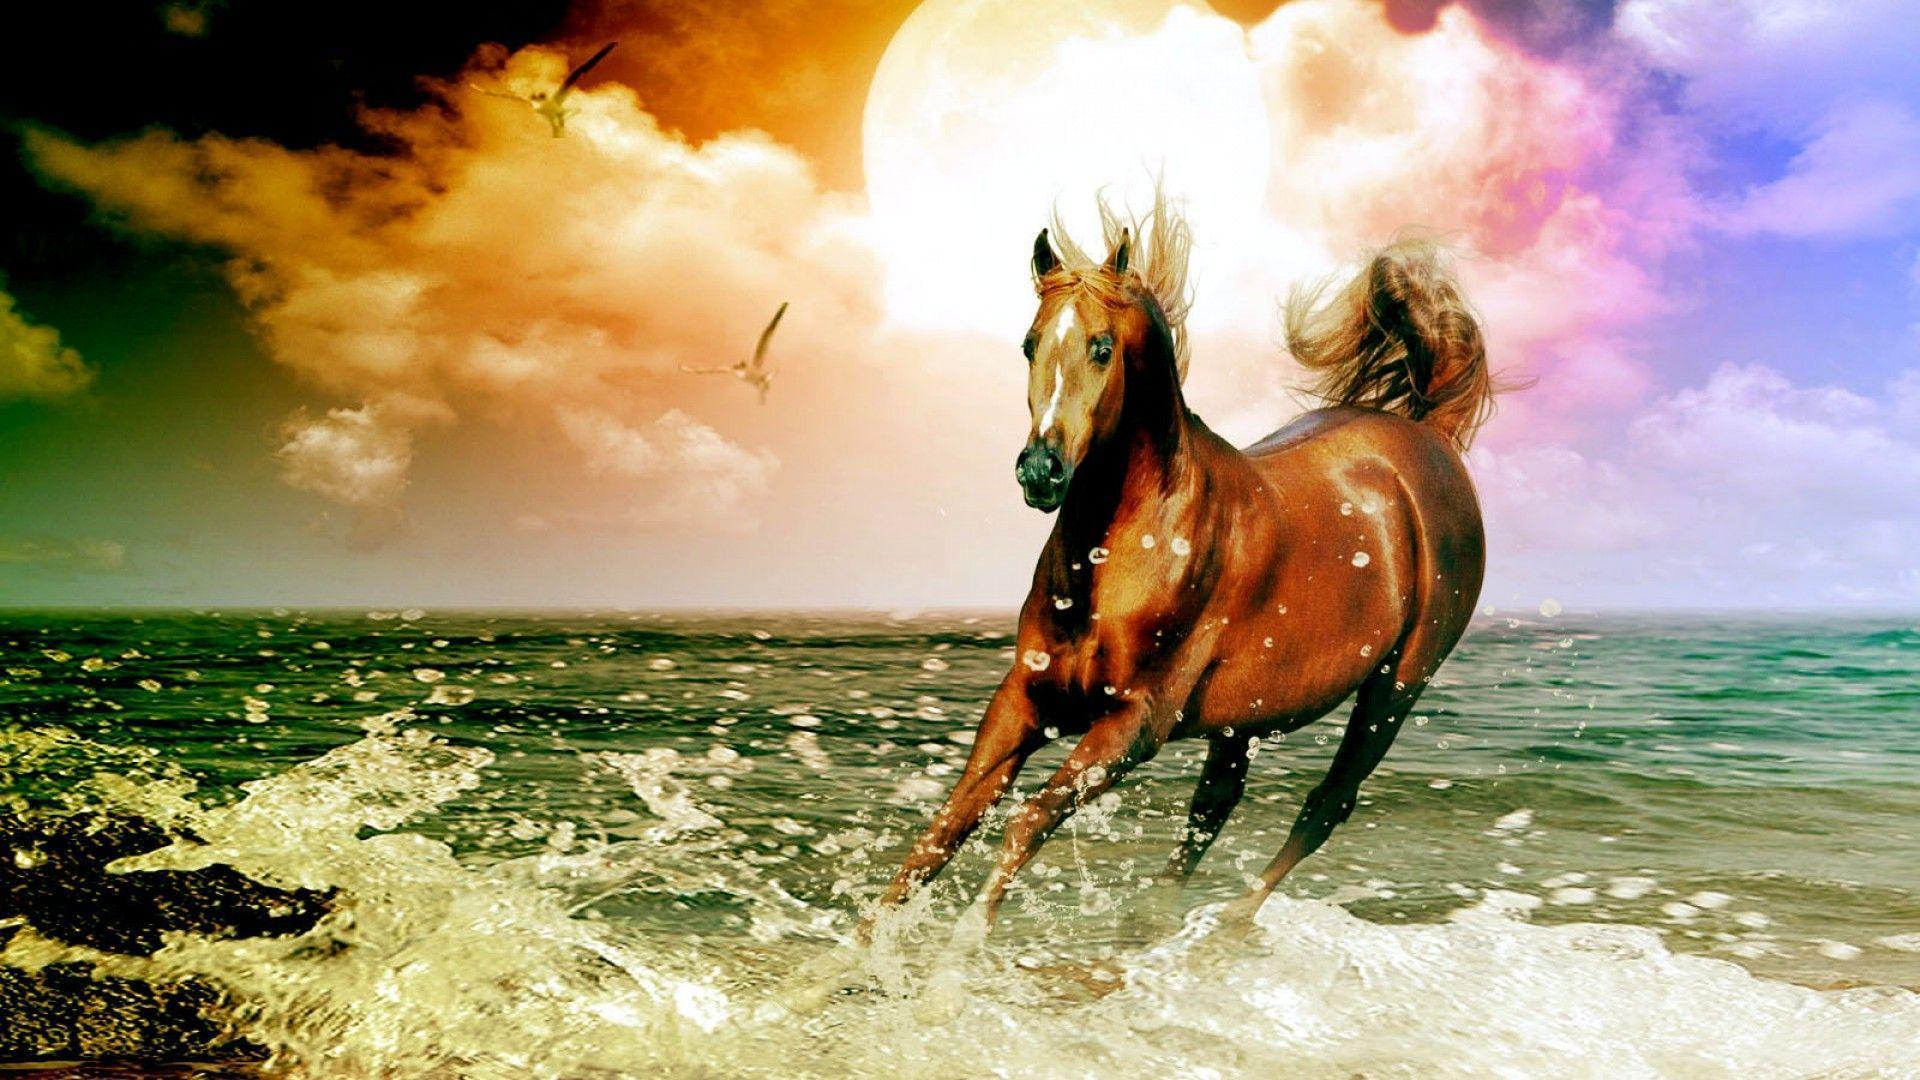 arabian horse beach desktop wallpaper high quality wallpapers